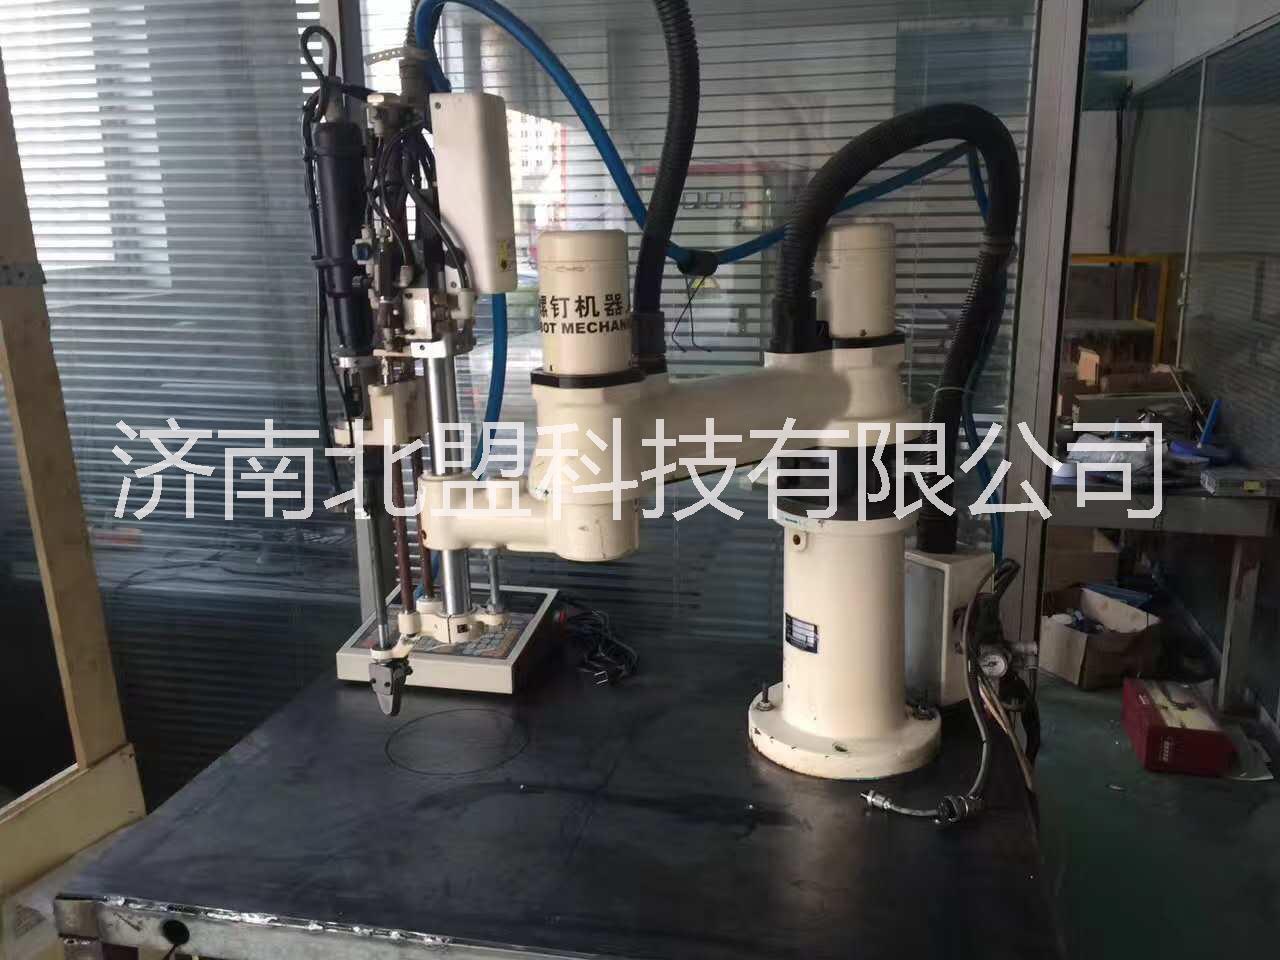 机器人自动拧螺丝机 济南厂家 大连机器人自动拧螺丝机 济南螺丝机